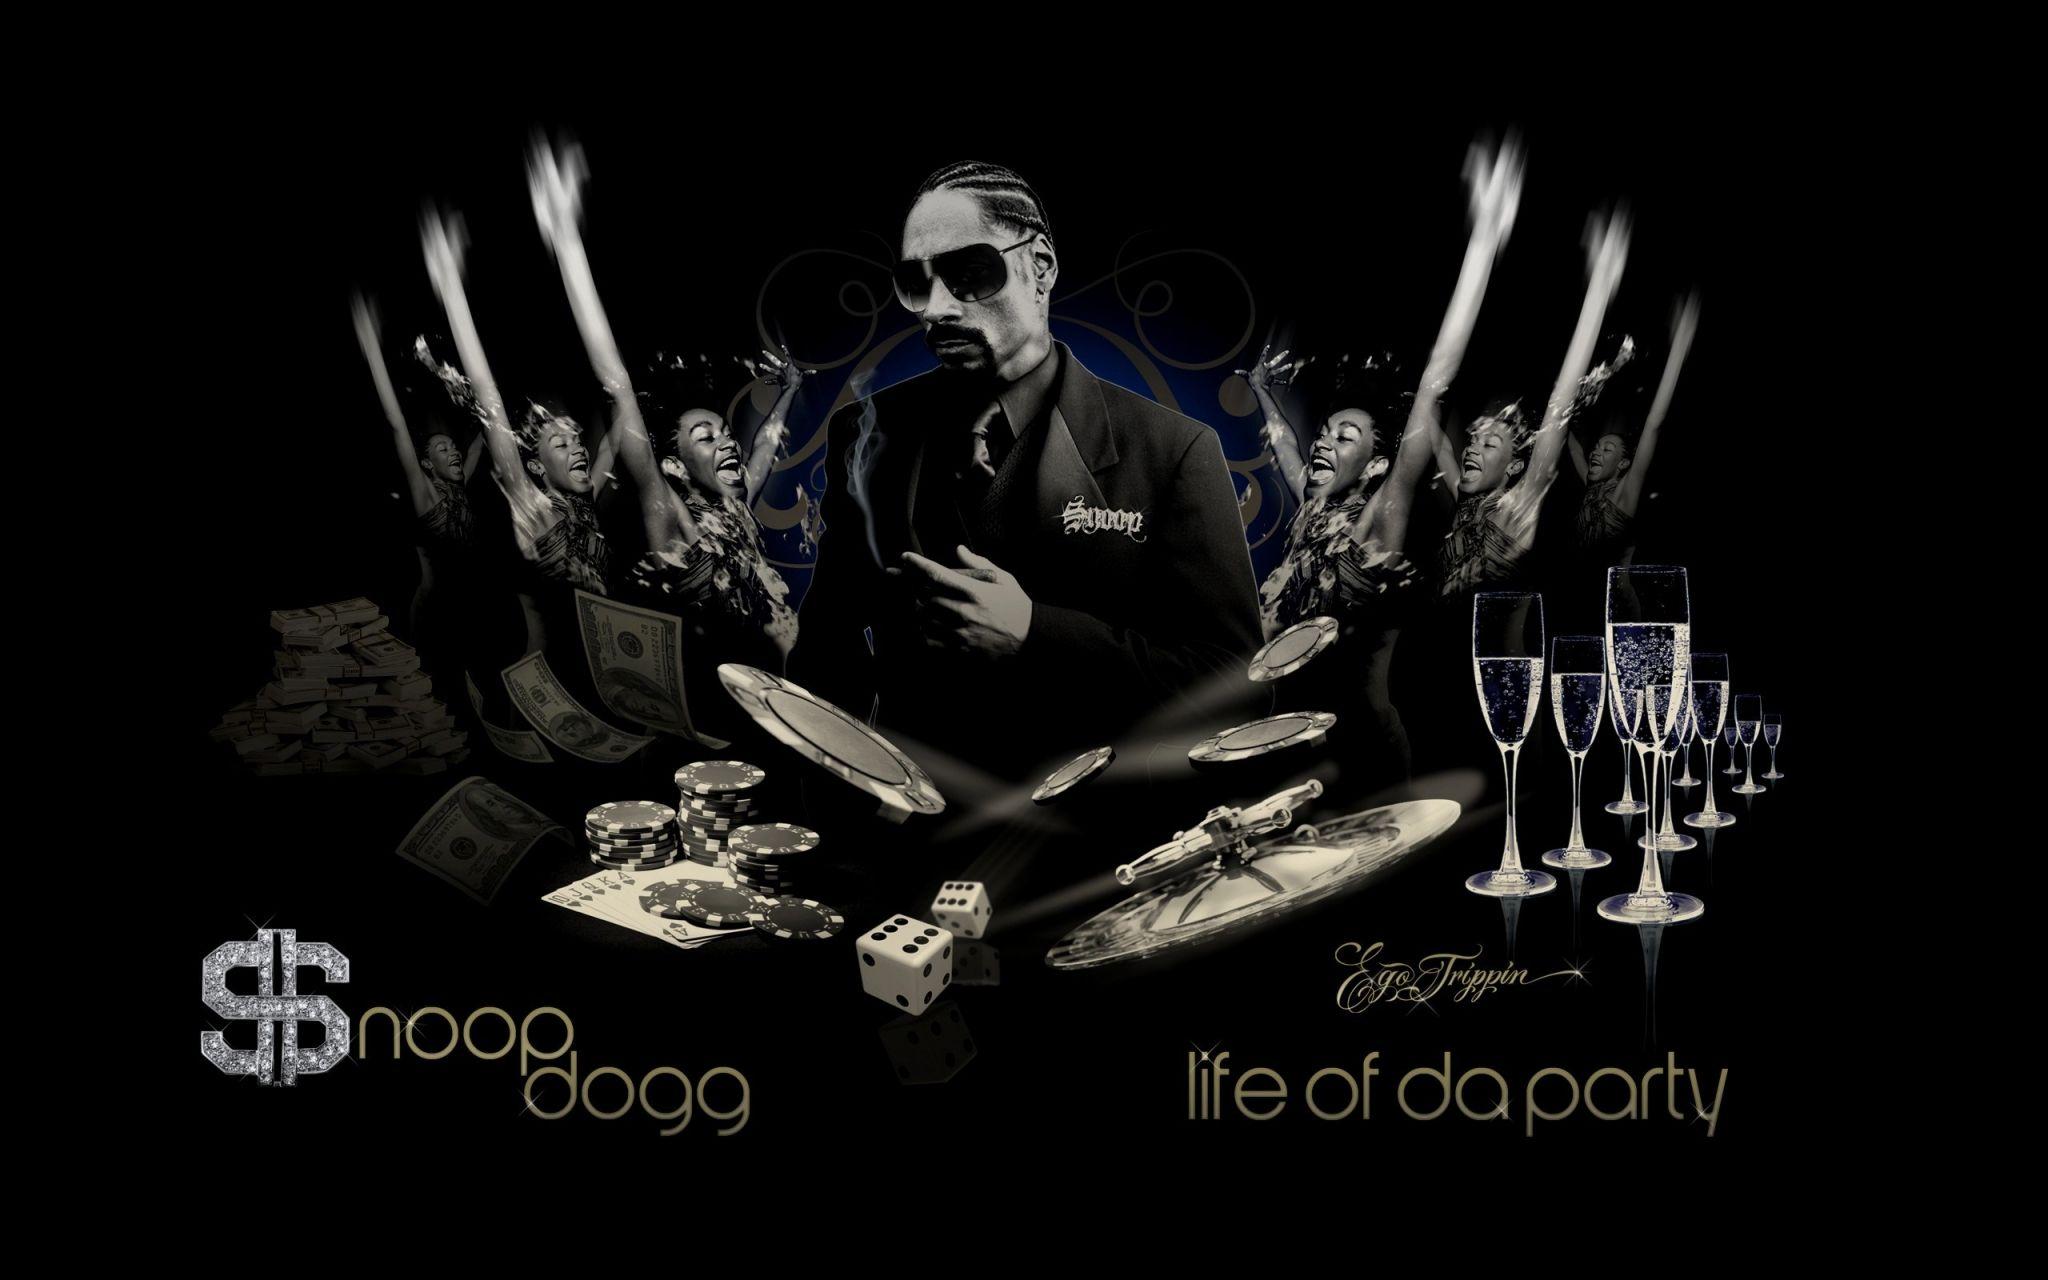 Gangster Beautiful Wallpaper Desktop Snoop Dogg Dogg Art Wallpaper